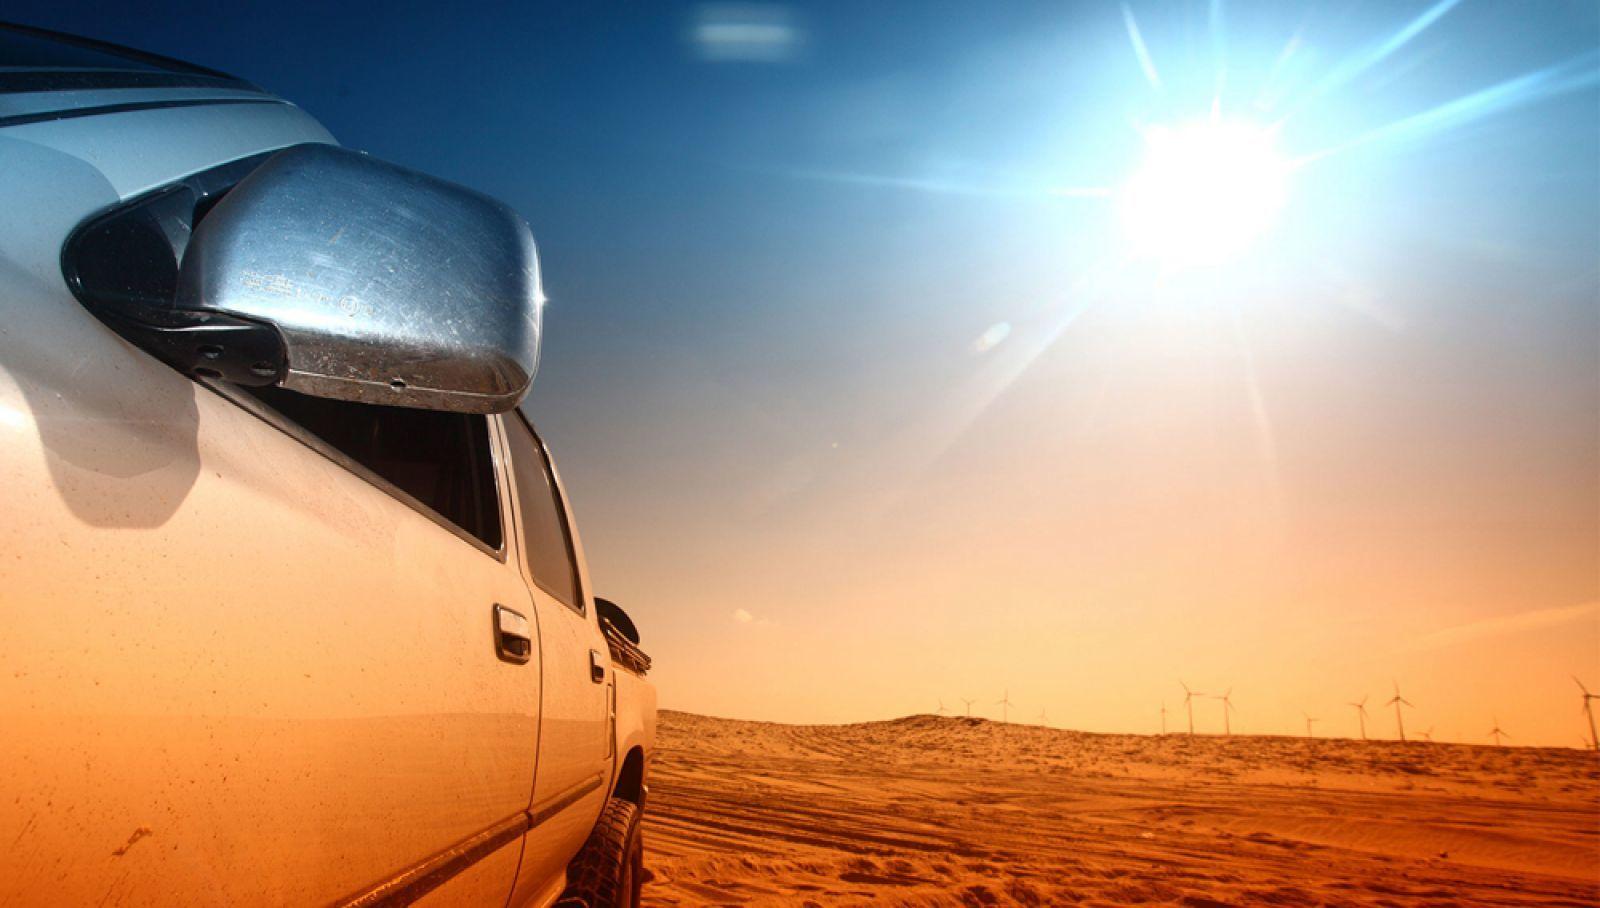 Kinh nghiệm sử dụng xe,bảo dưỡng ô tô,đỗ xe,đỗ ô tô,Chăm sóc xe ô tô